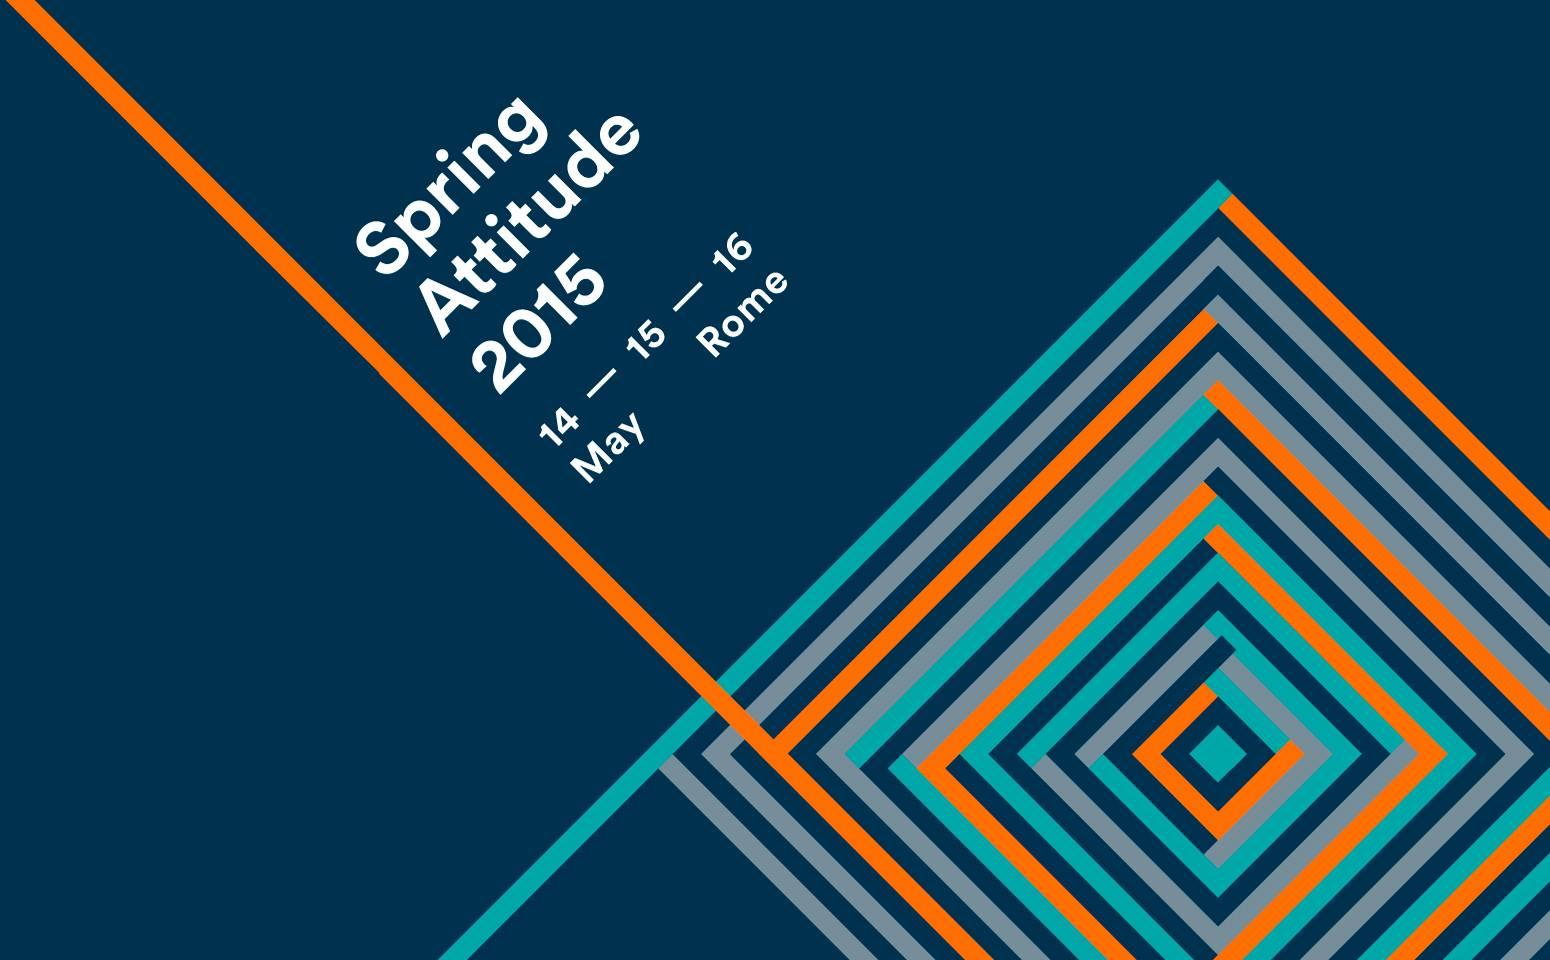 Spring Attitude 2015